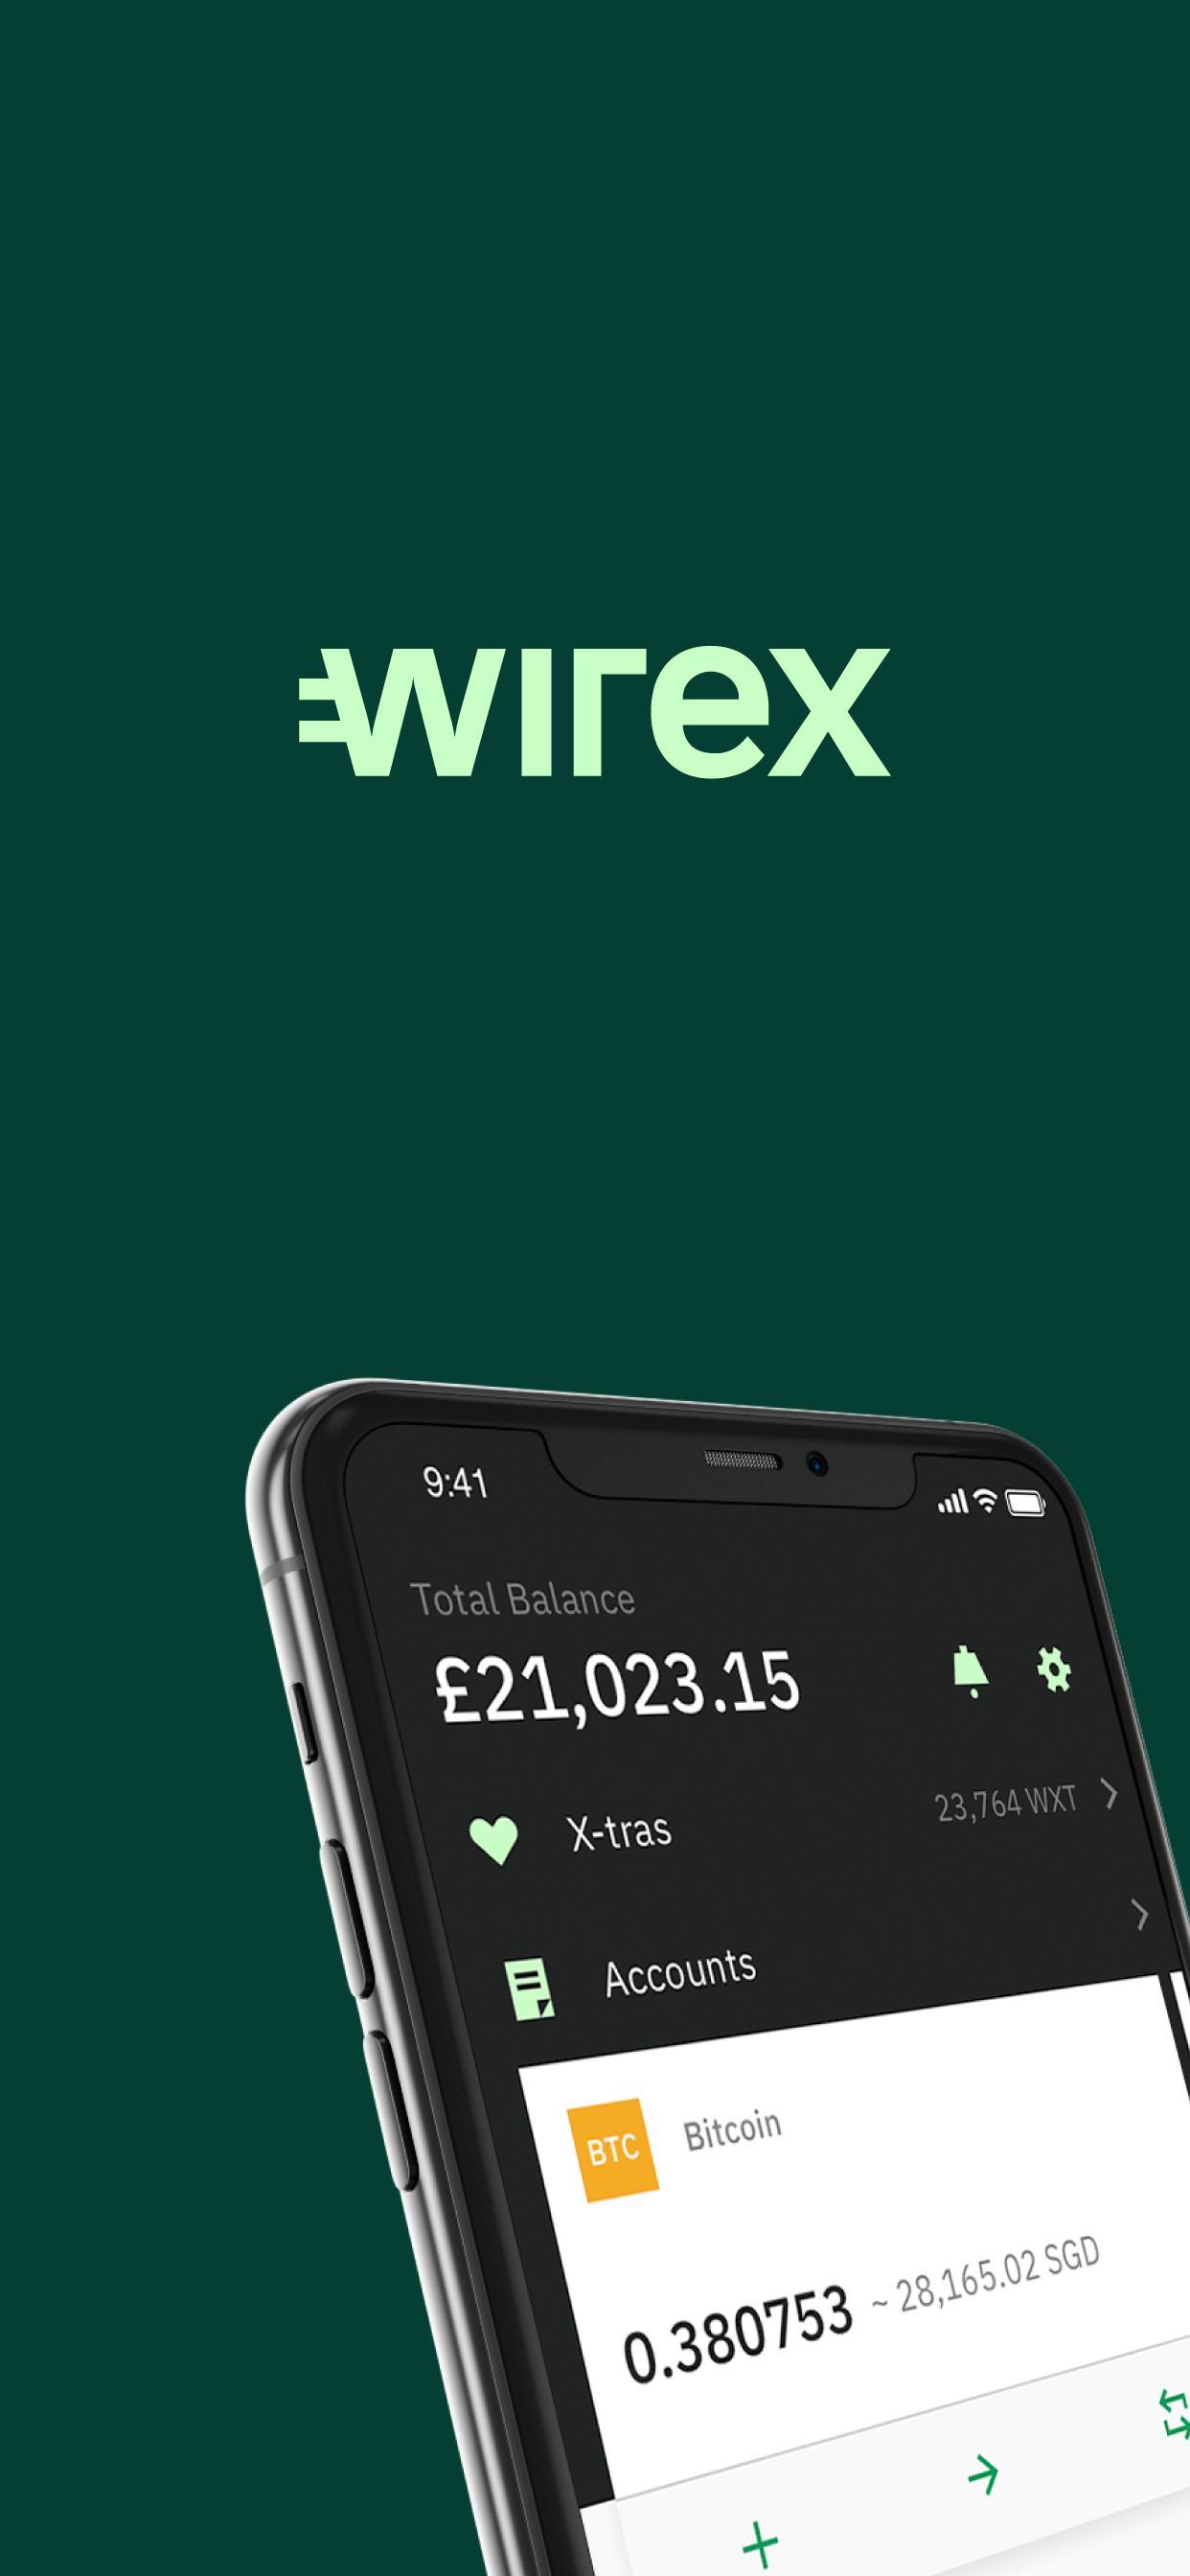 Wirex kaina šiuo metu yra €0.00349.